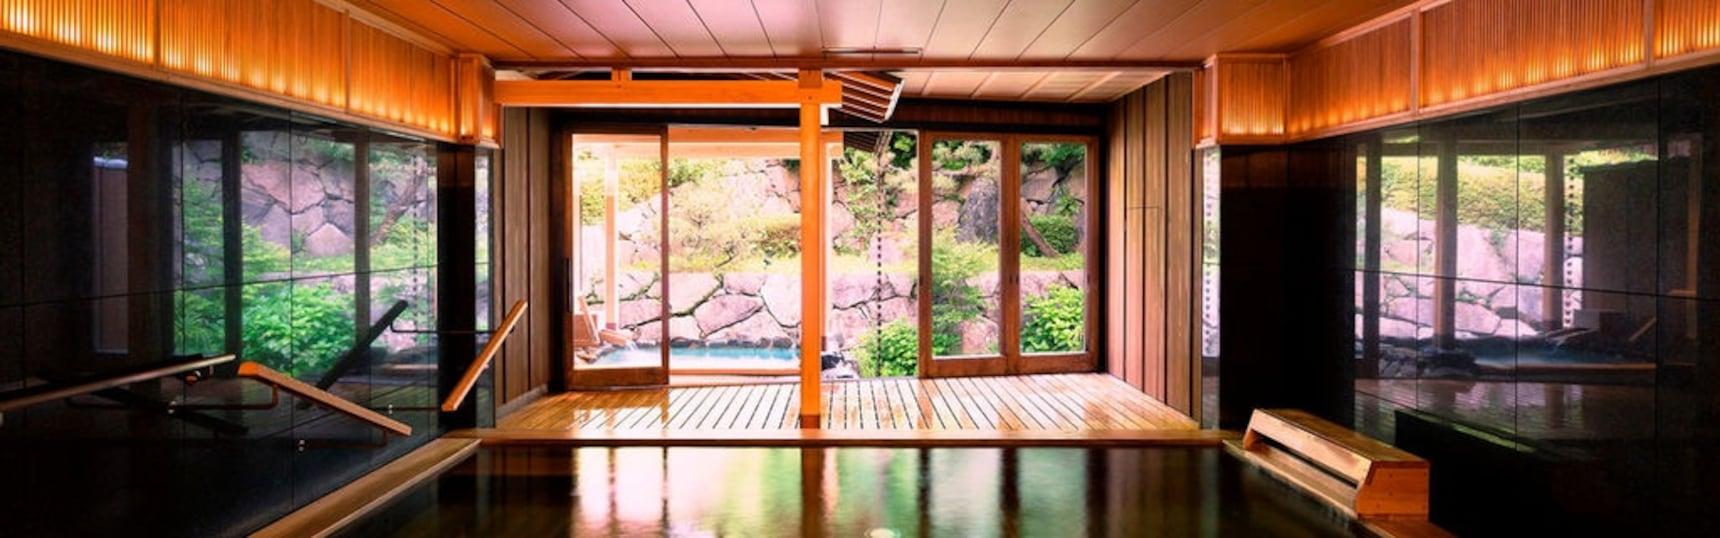 Top 8 Exclusive En Suite Onsen in Kyoto